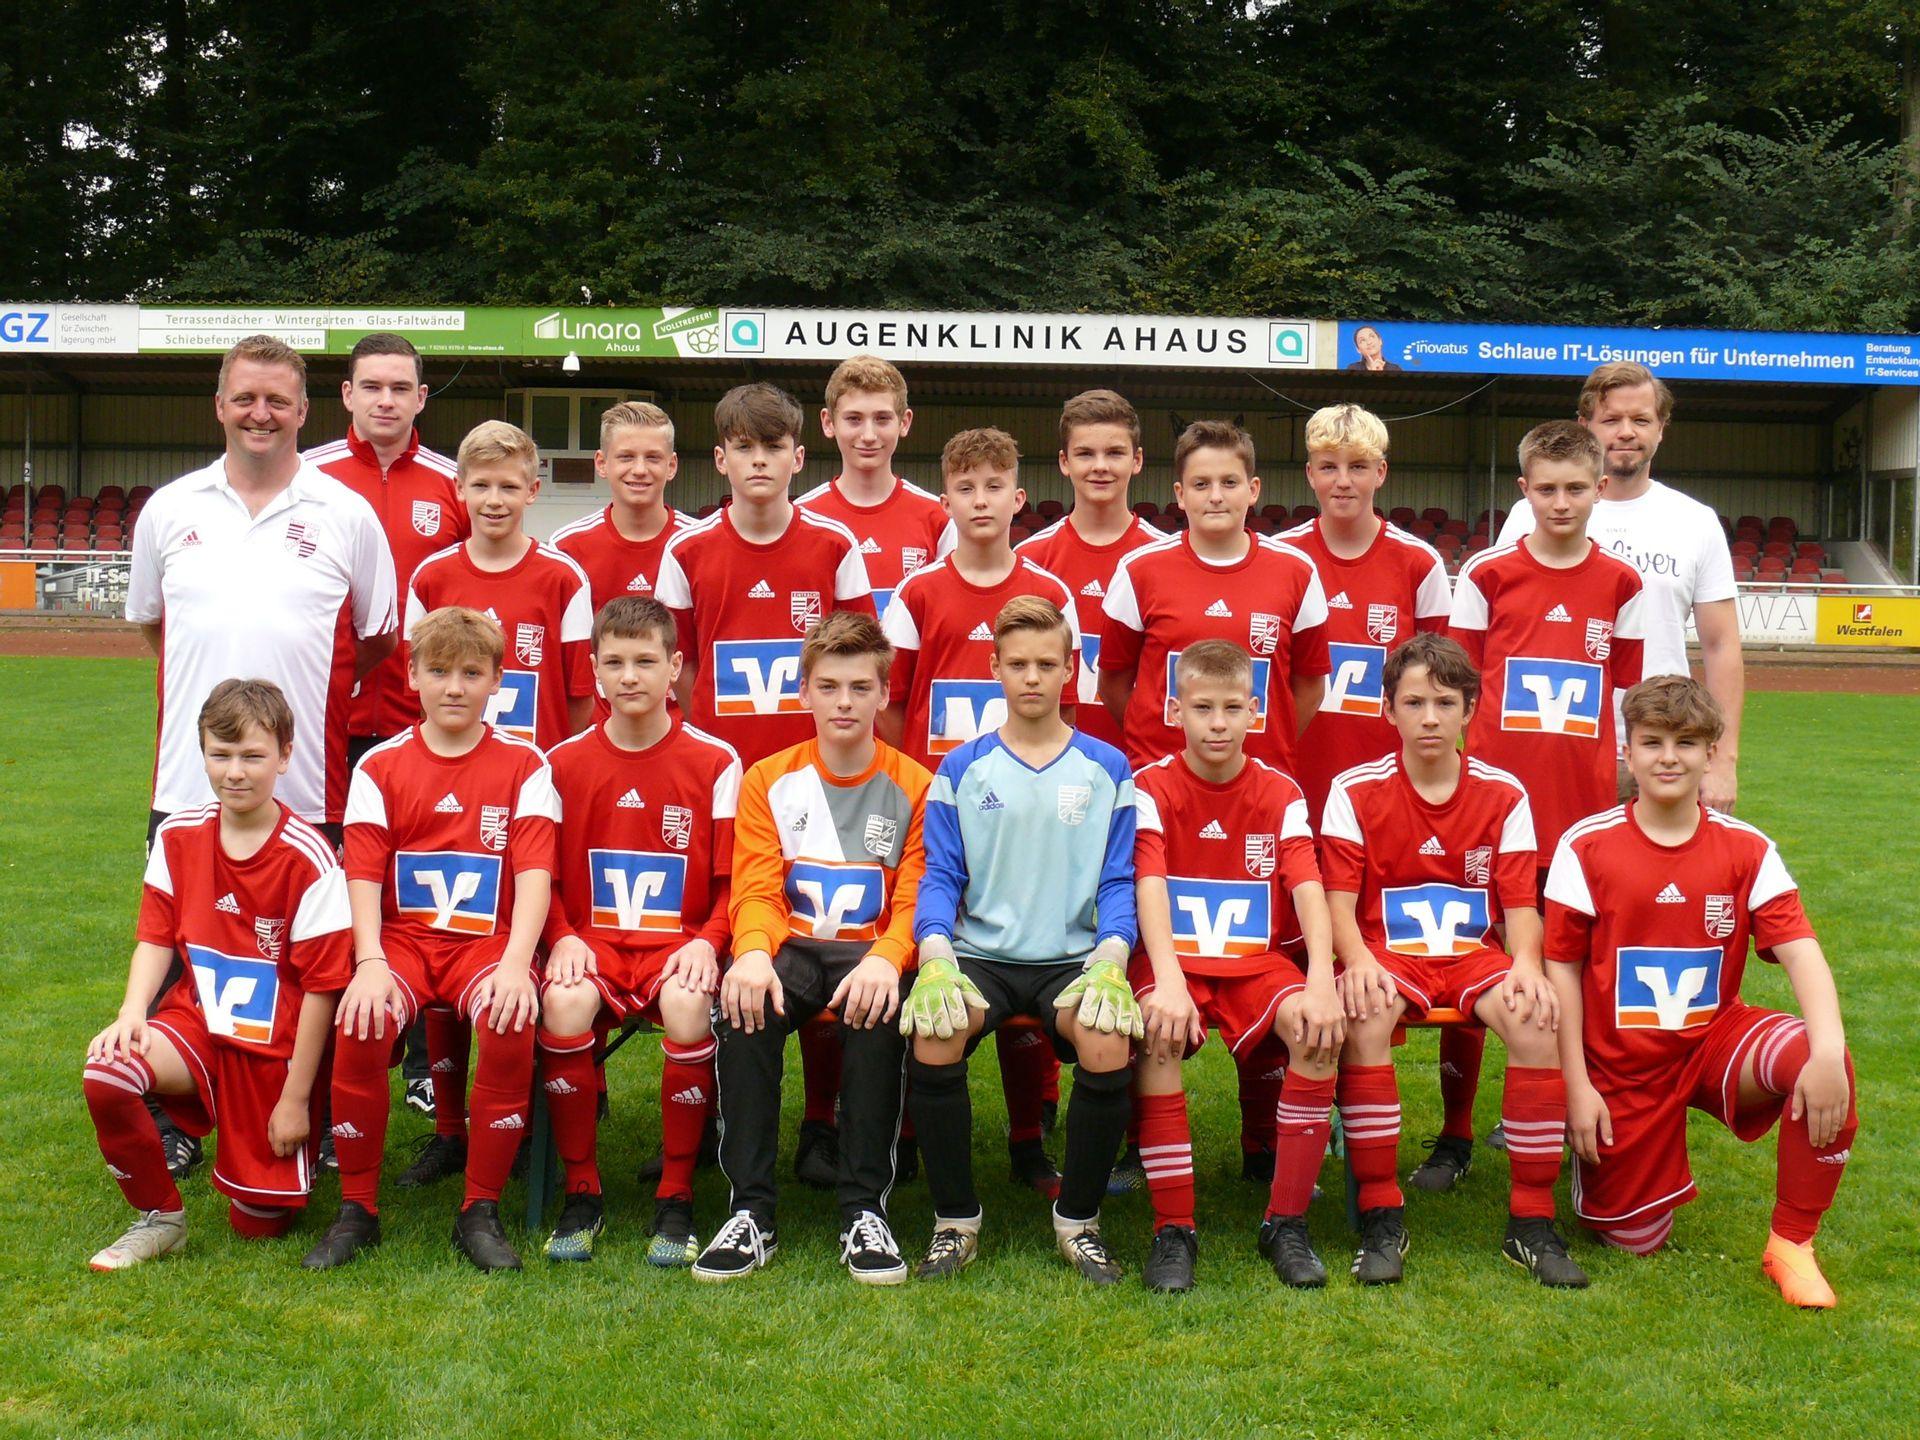 C1-Junioren   SV Eintracht Ahaus